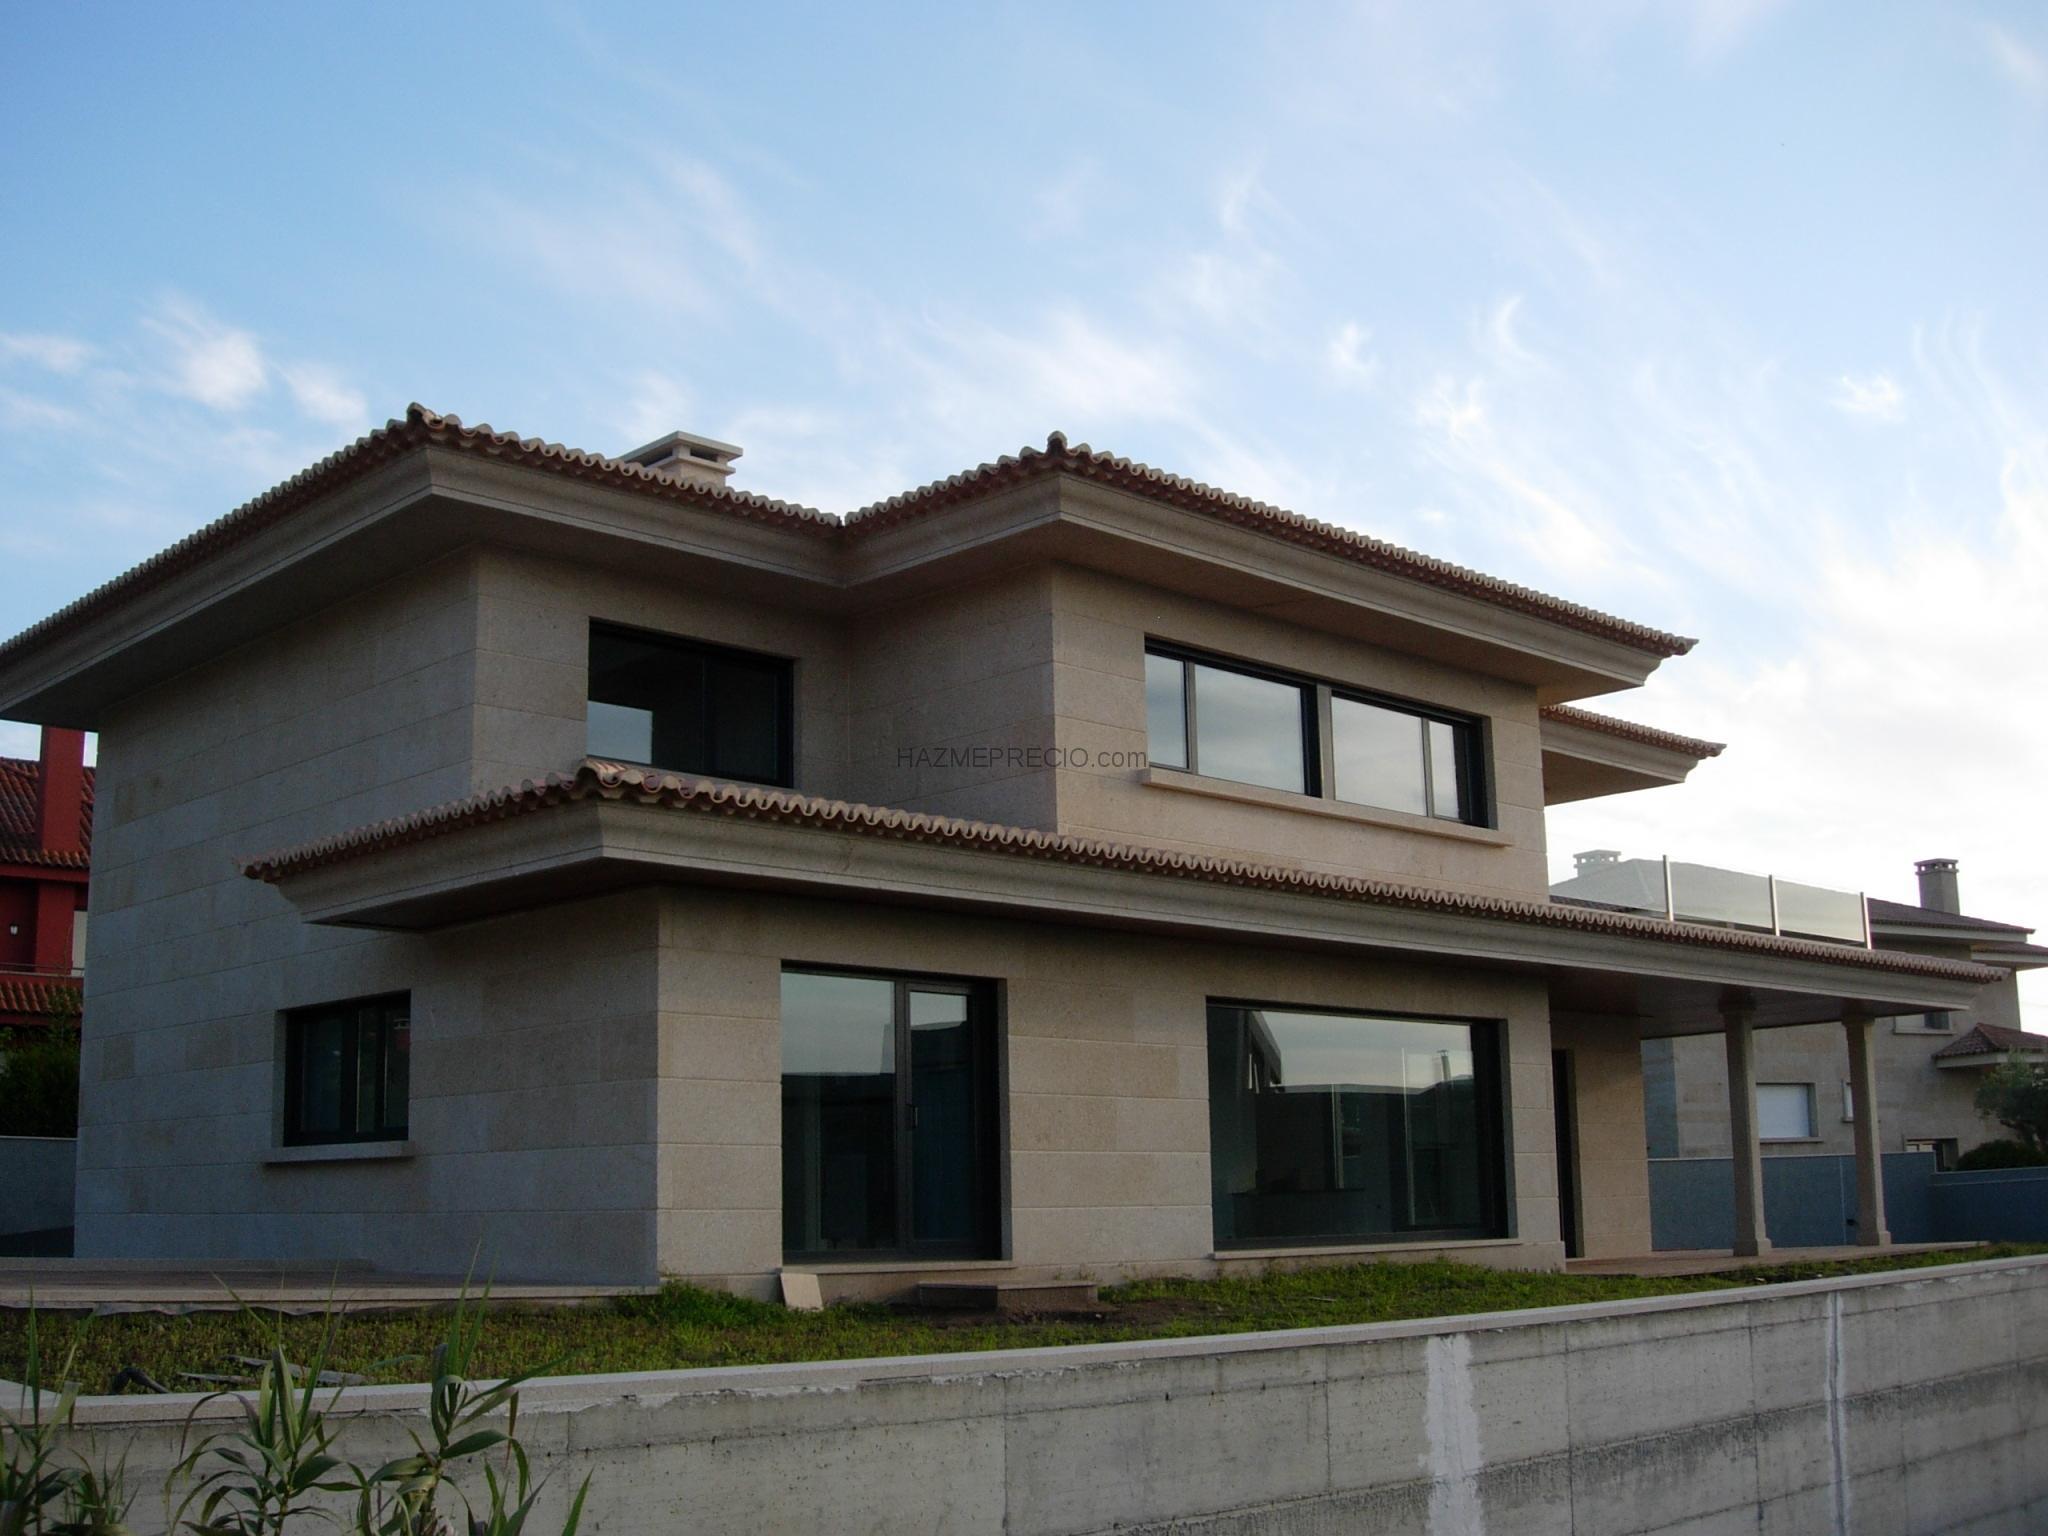 Empresas de construccion de casas en pontevedra - Empresas de construccion en pontevedra ...